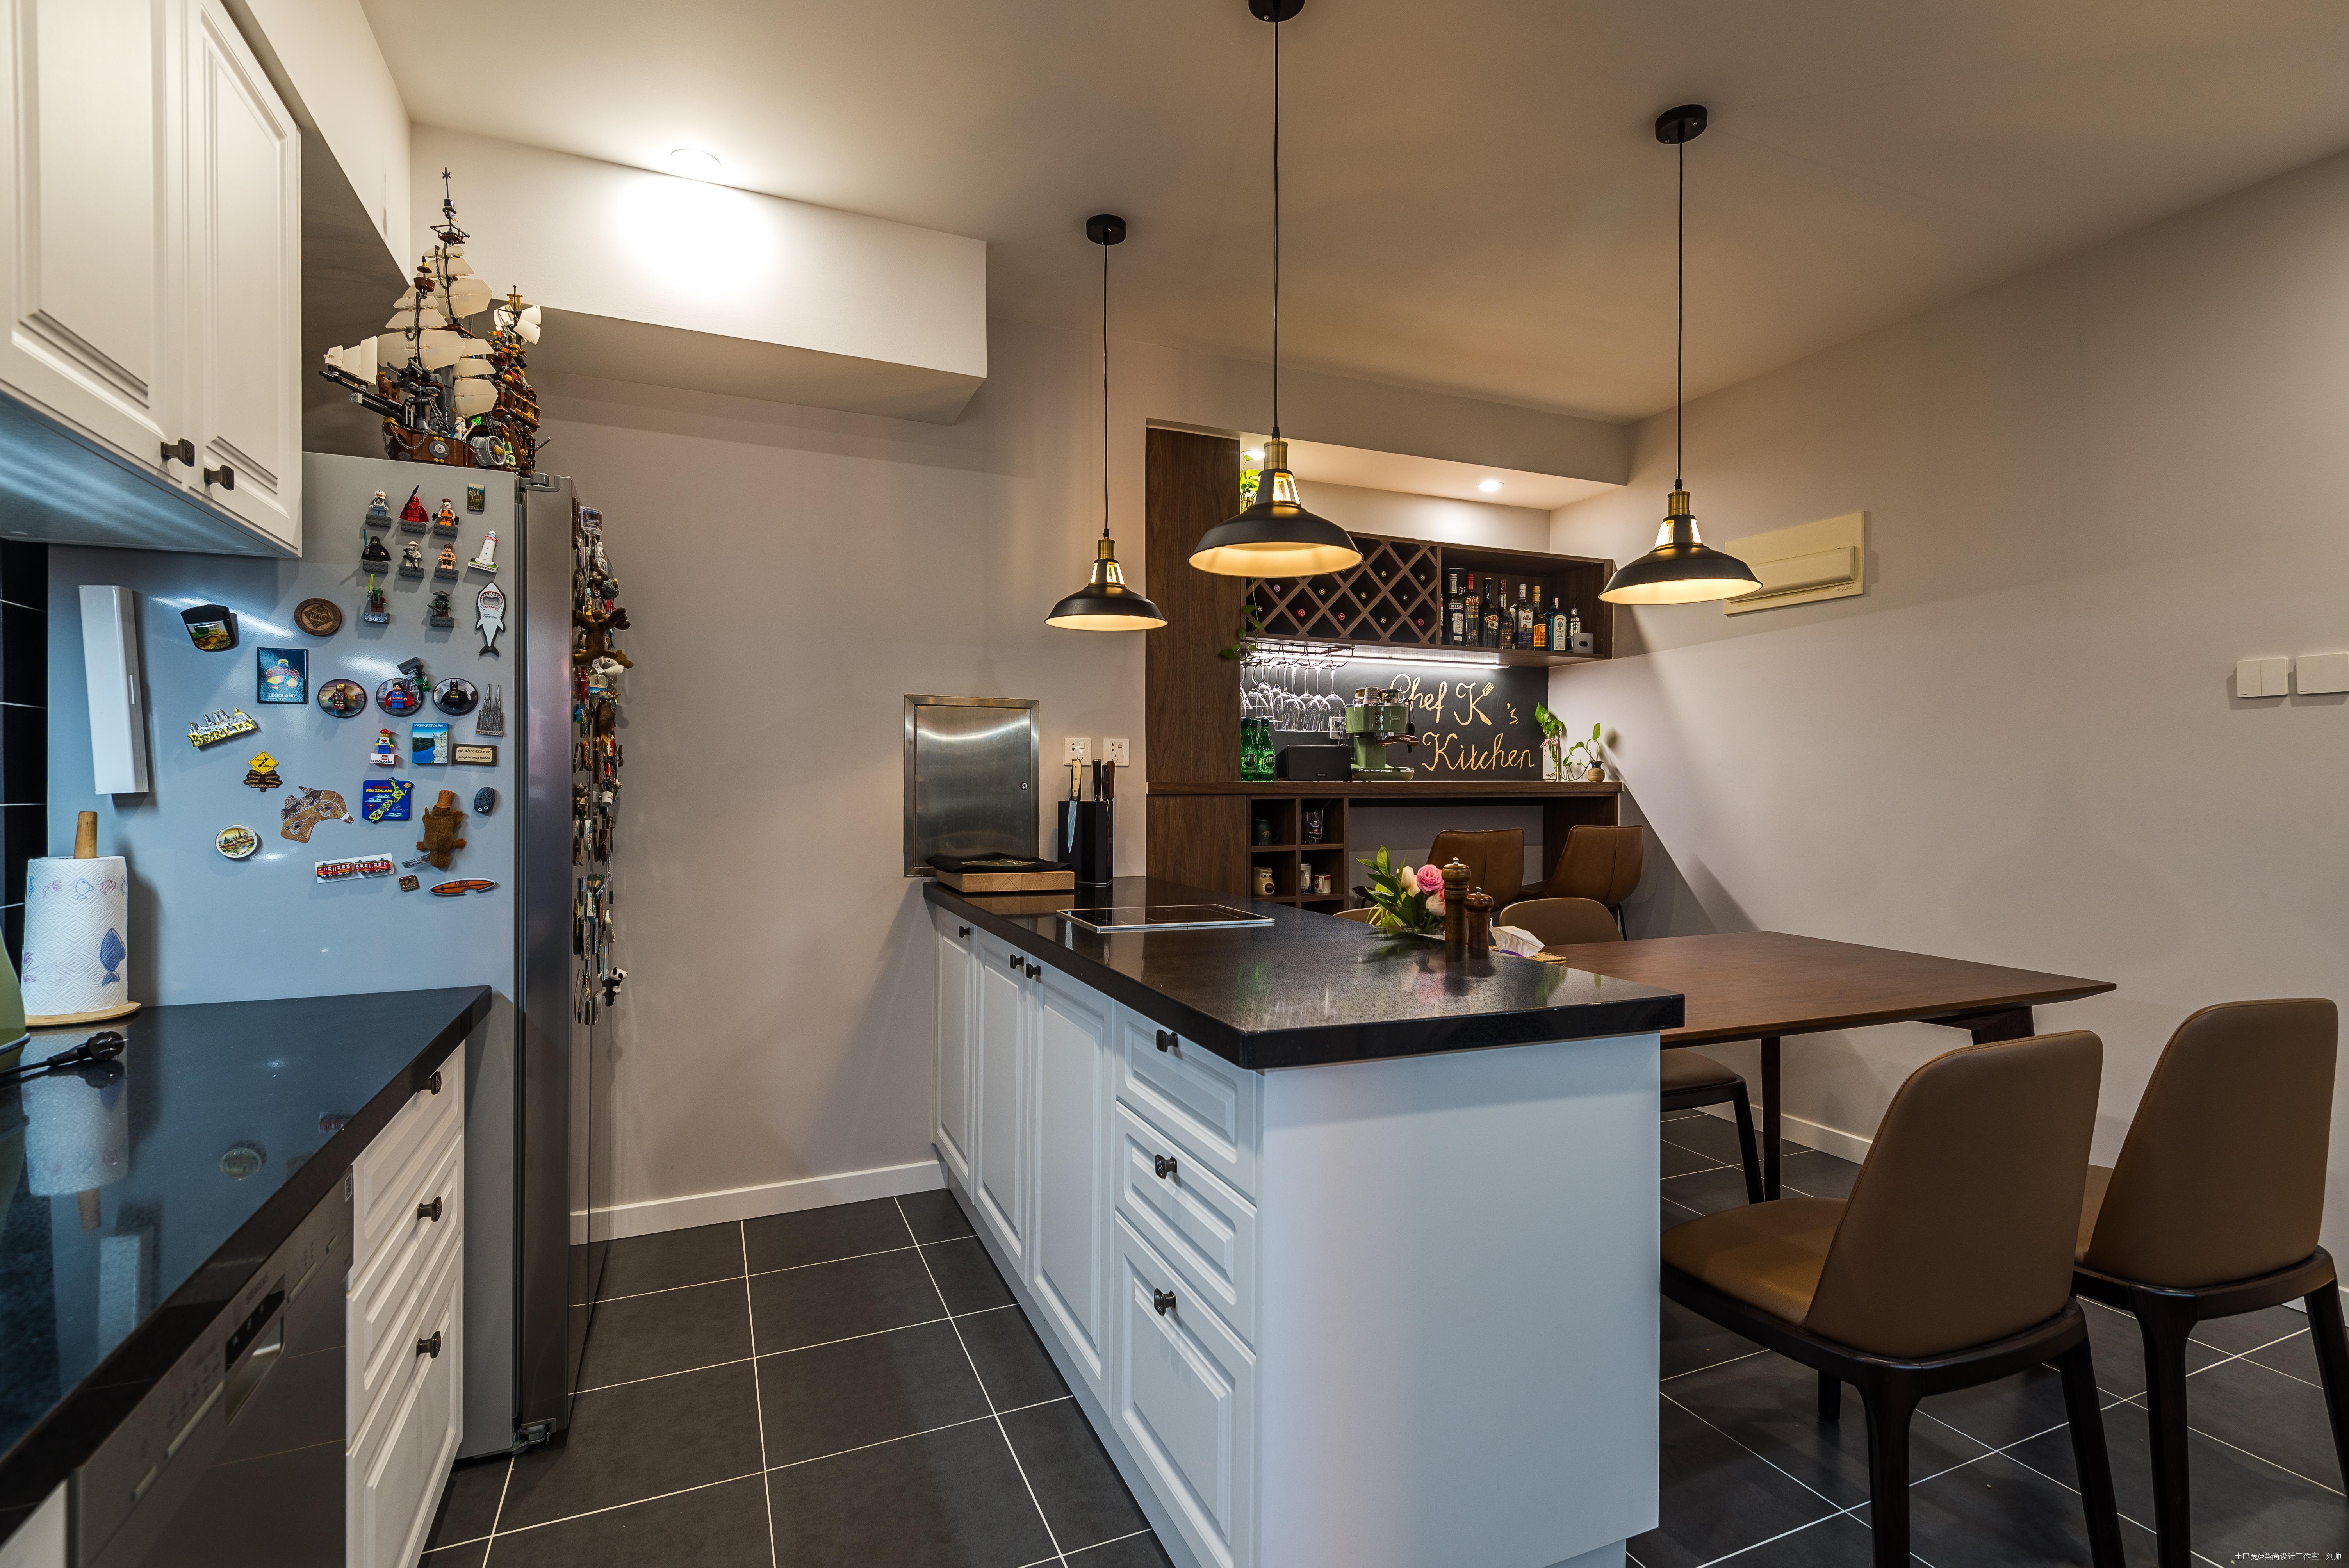 质朴121平现代三居厨房装修图片餐厅现代简约厨房设计图片赏析